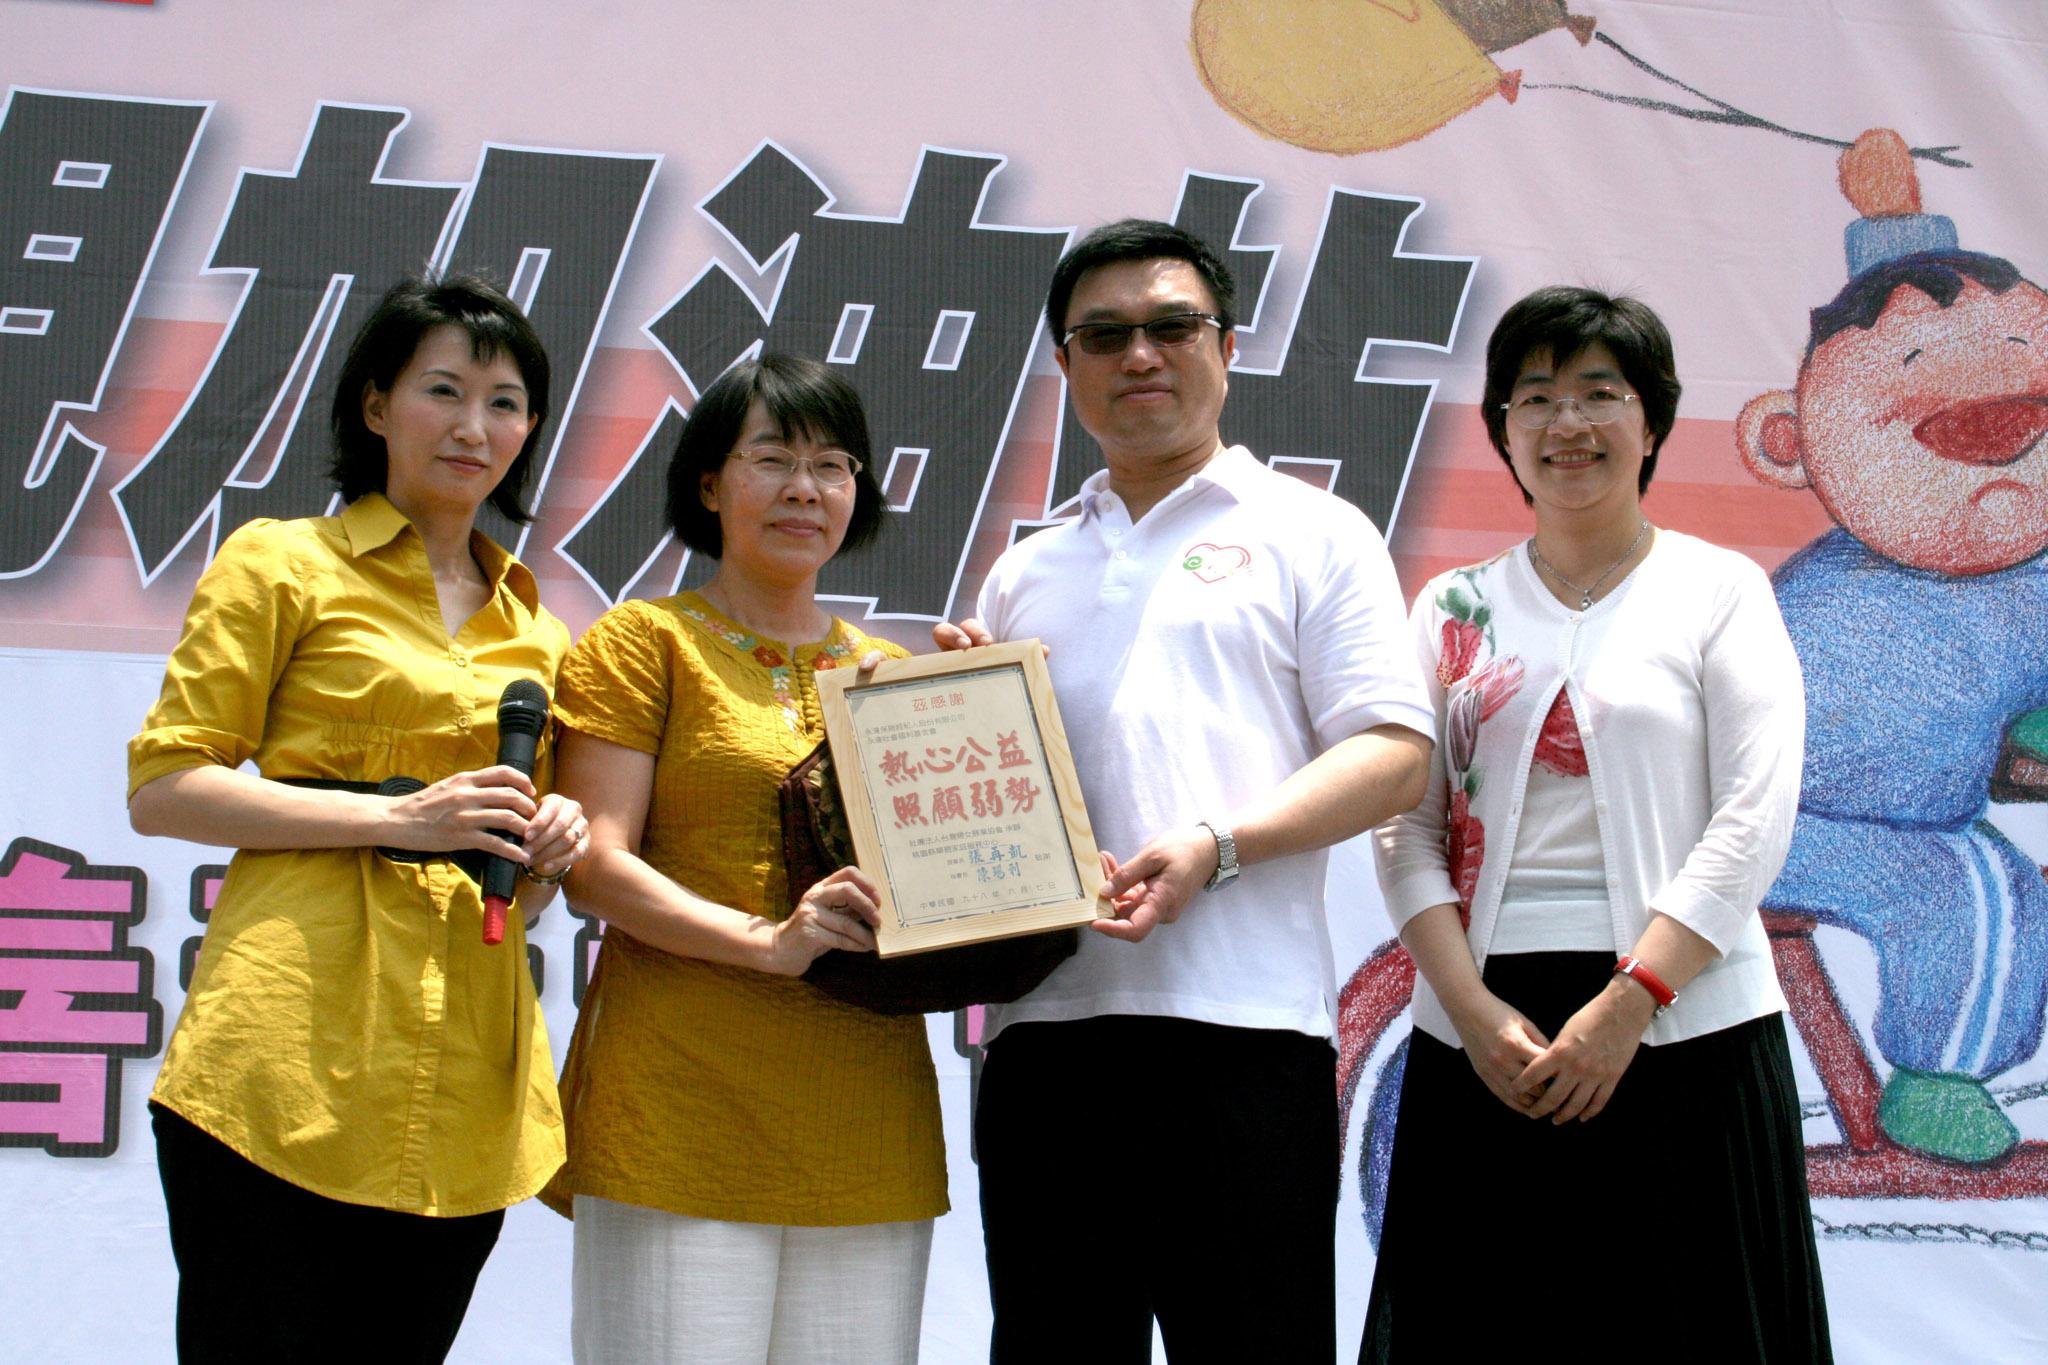 單親家庭服務中心陳瑪利秘書長頒贈感謝狀。